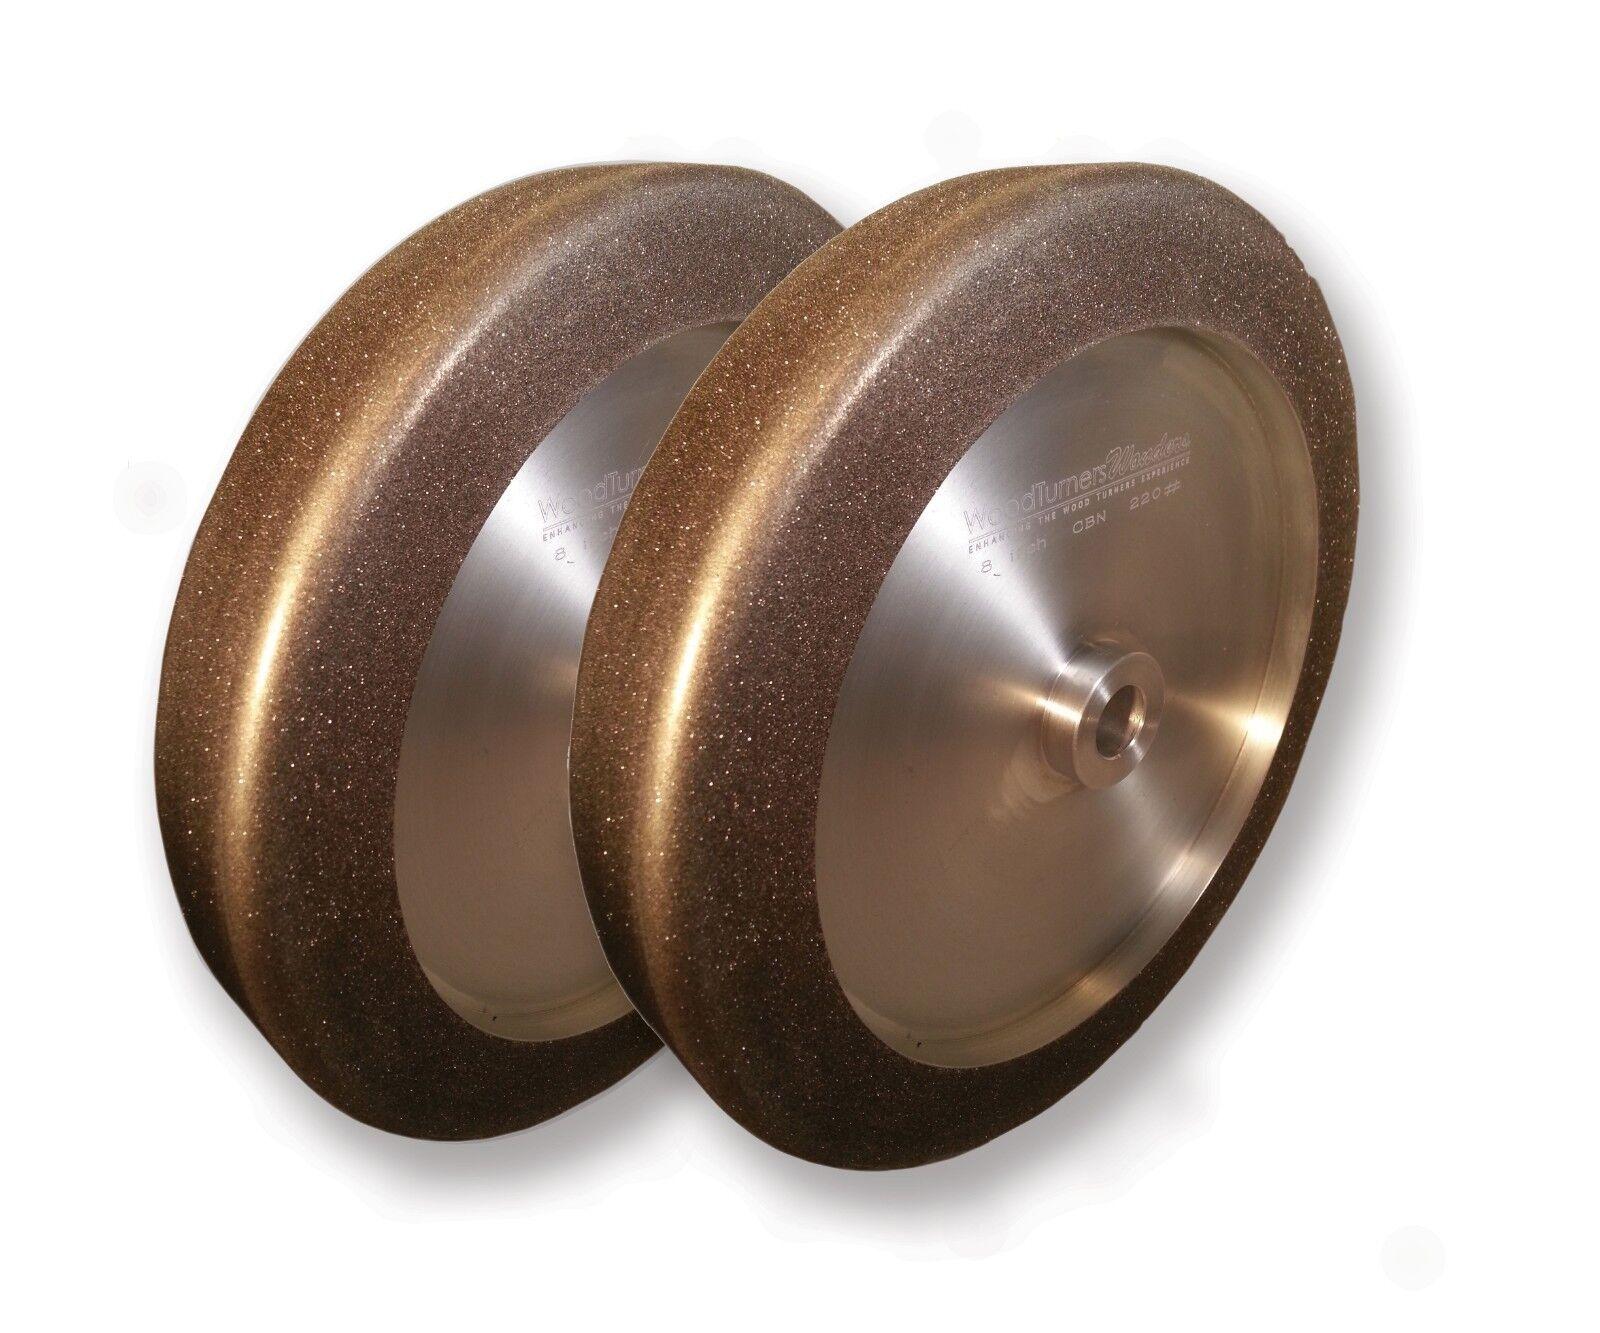 CBN Wheel Pair - 4-in-1 - 8  diameter, 5 8  arbor, 220 + 1000 Grits